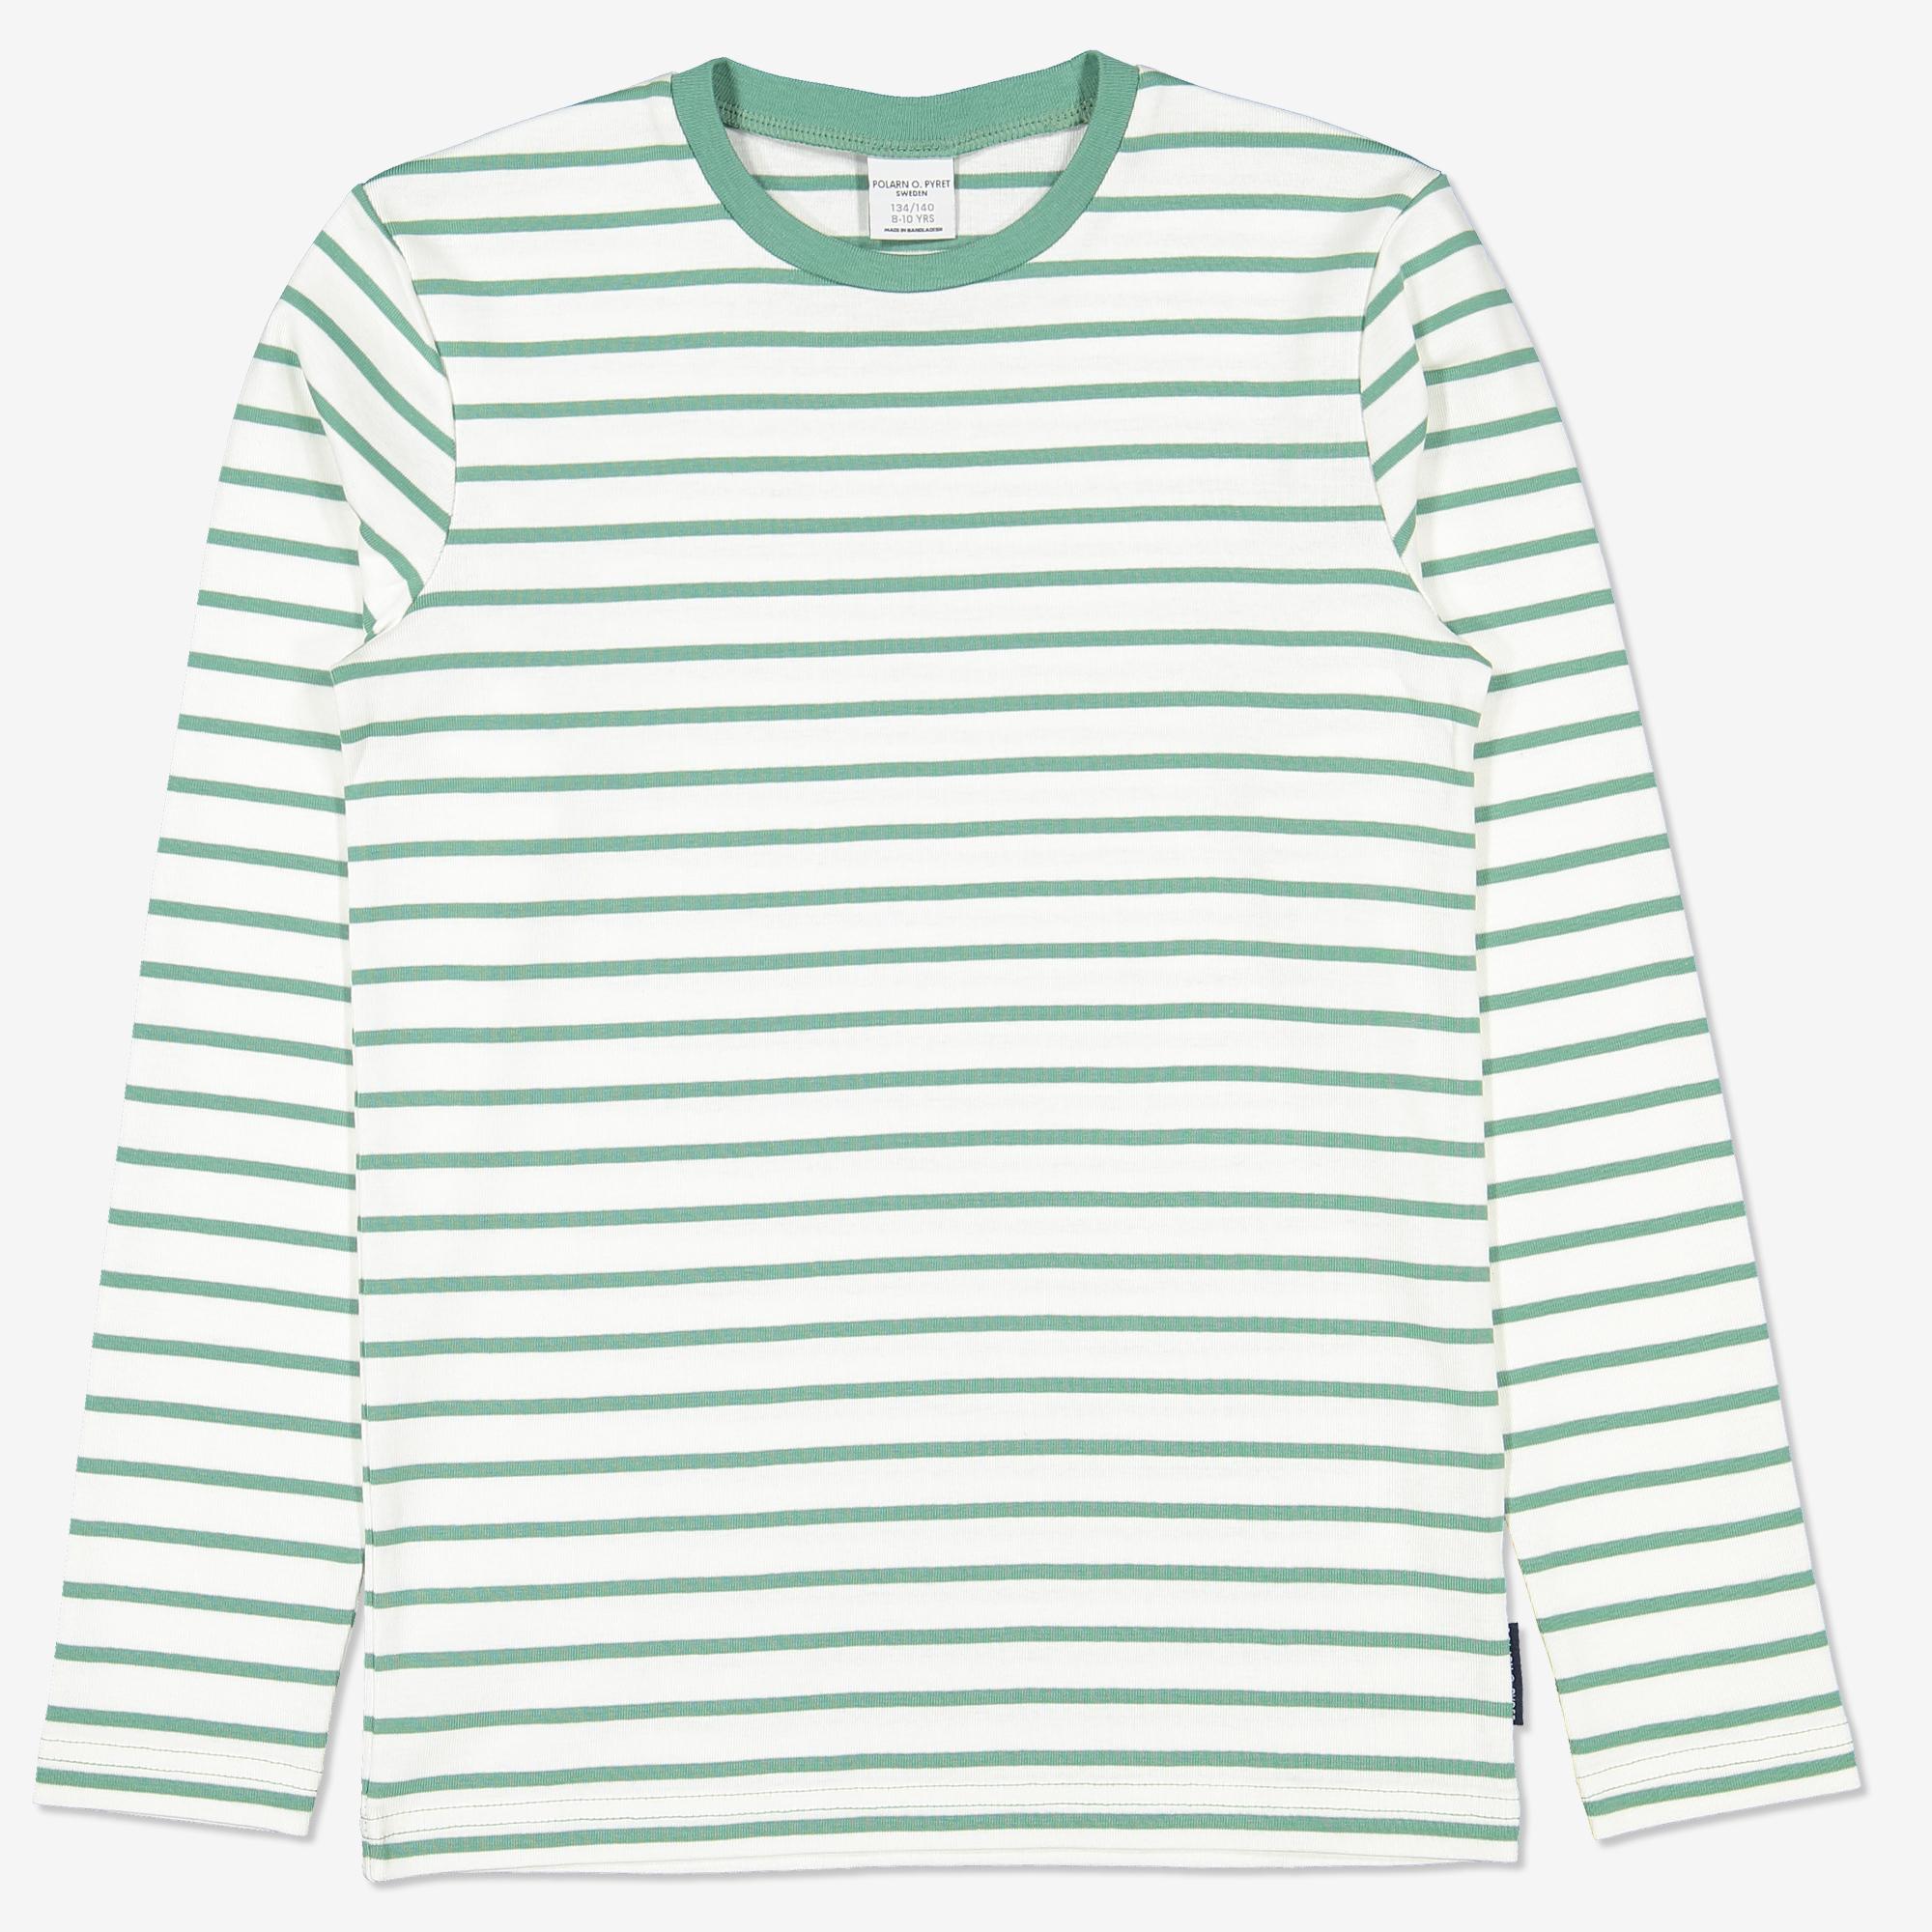 312c0475 Stripet genser grønn | Polarnopyret.no